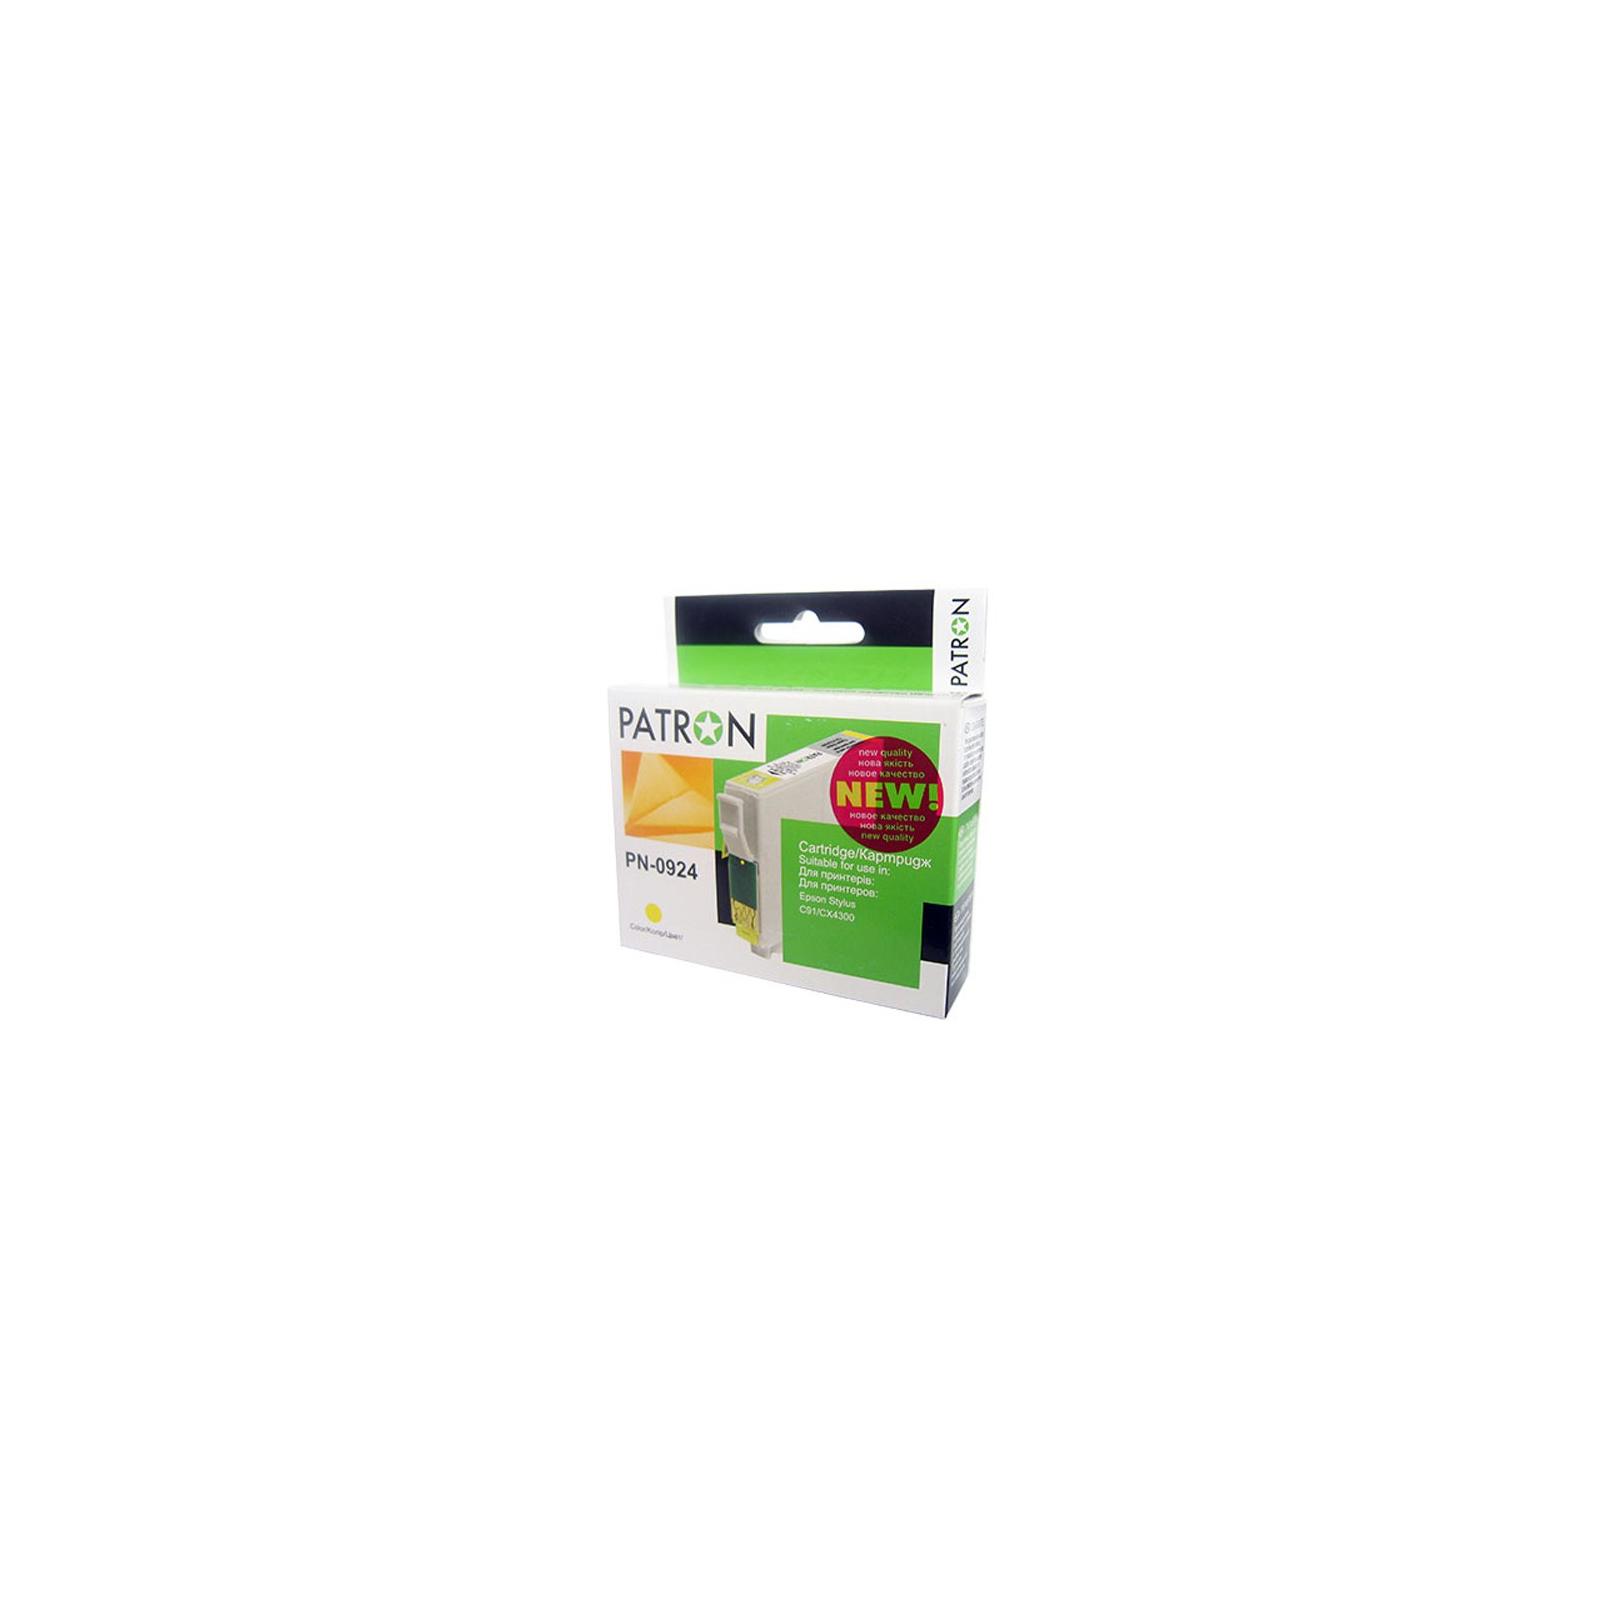 Картридж PATRON для EPSON C91/T26/27/TX106 yellow (CI-EPS-T09244A-Y2-PN)